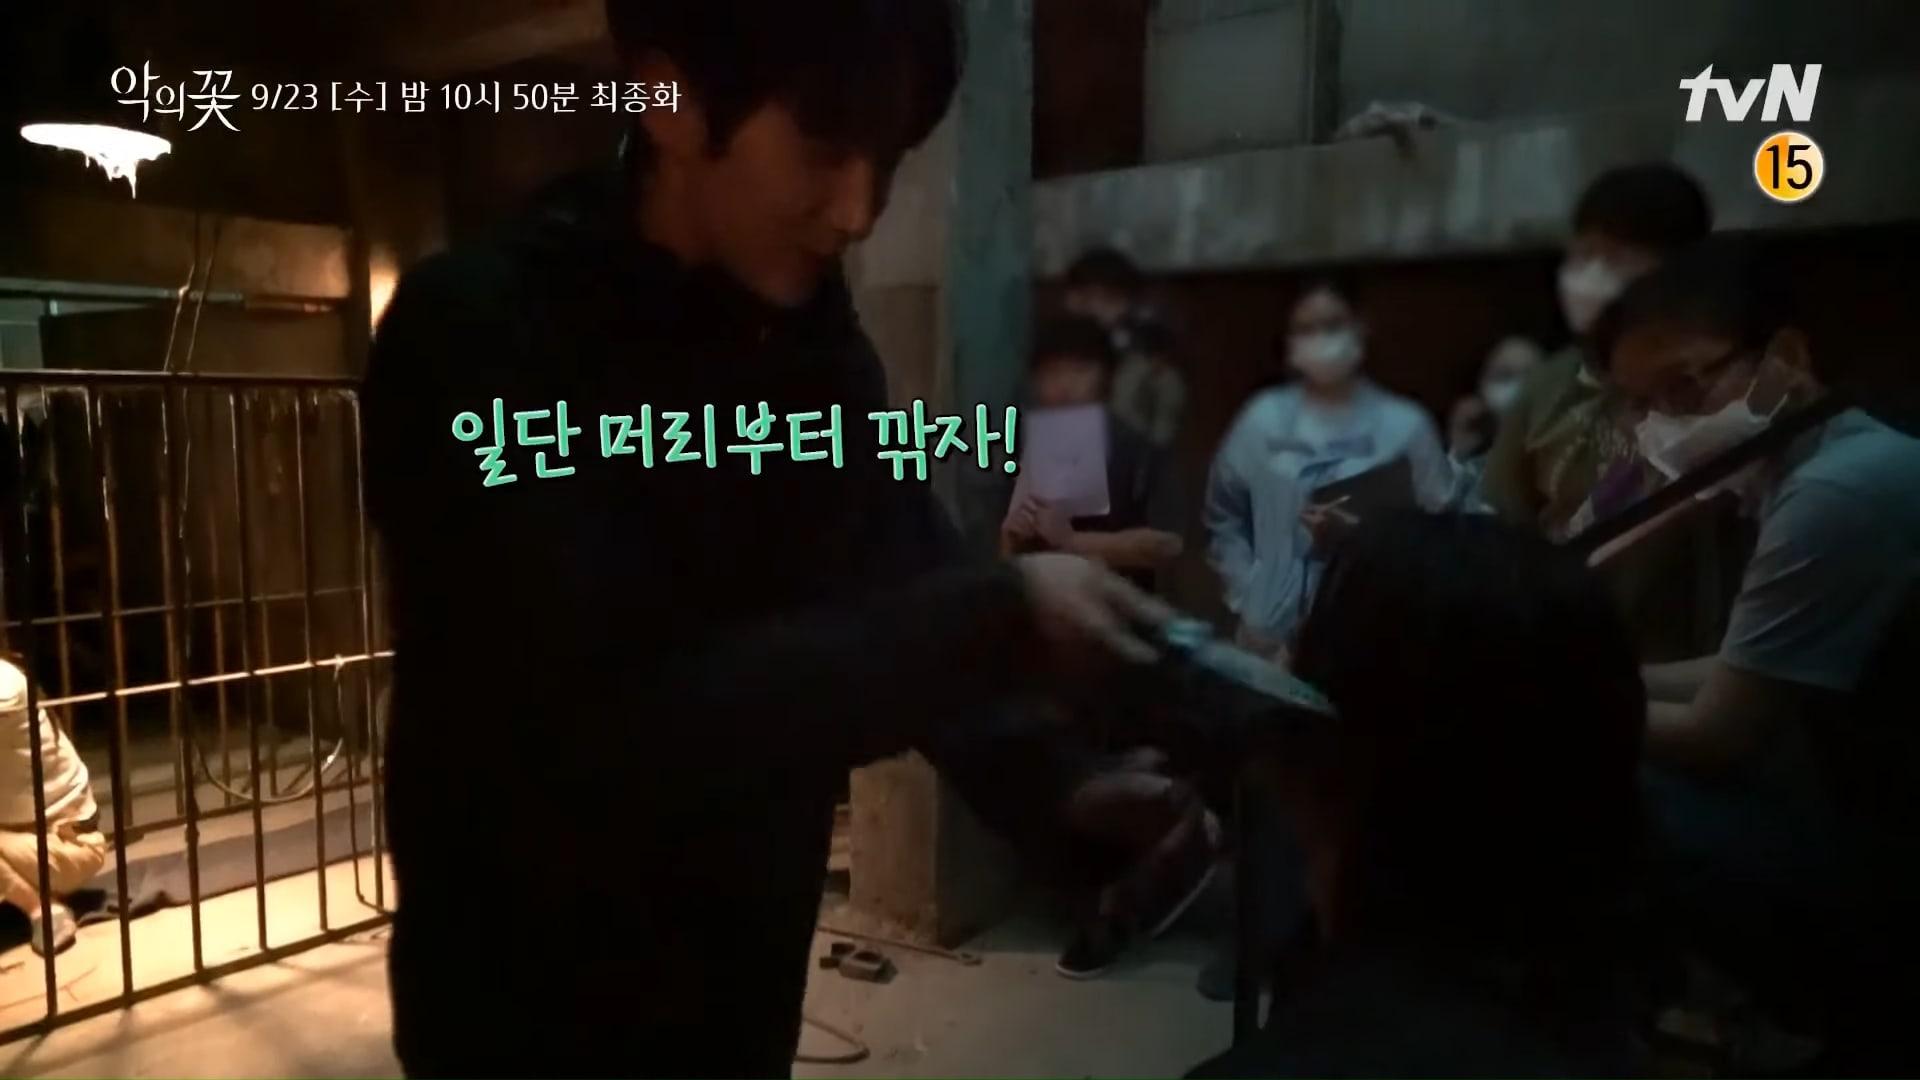 Hậu trường cảnh rượt đuổi gay cấn trong 'Flower of evil': Lee Jun Ki dịu dàng che nắng cho Kim Ji Hoon 2